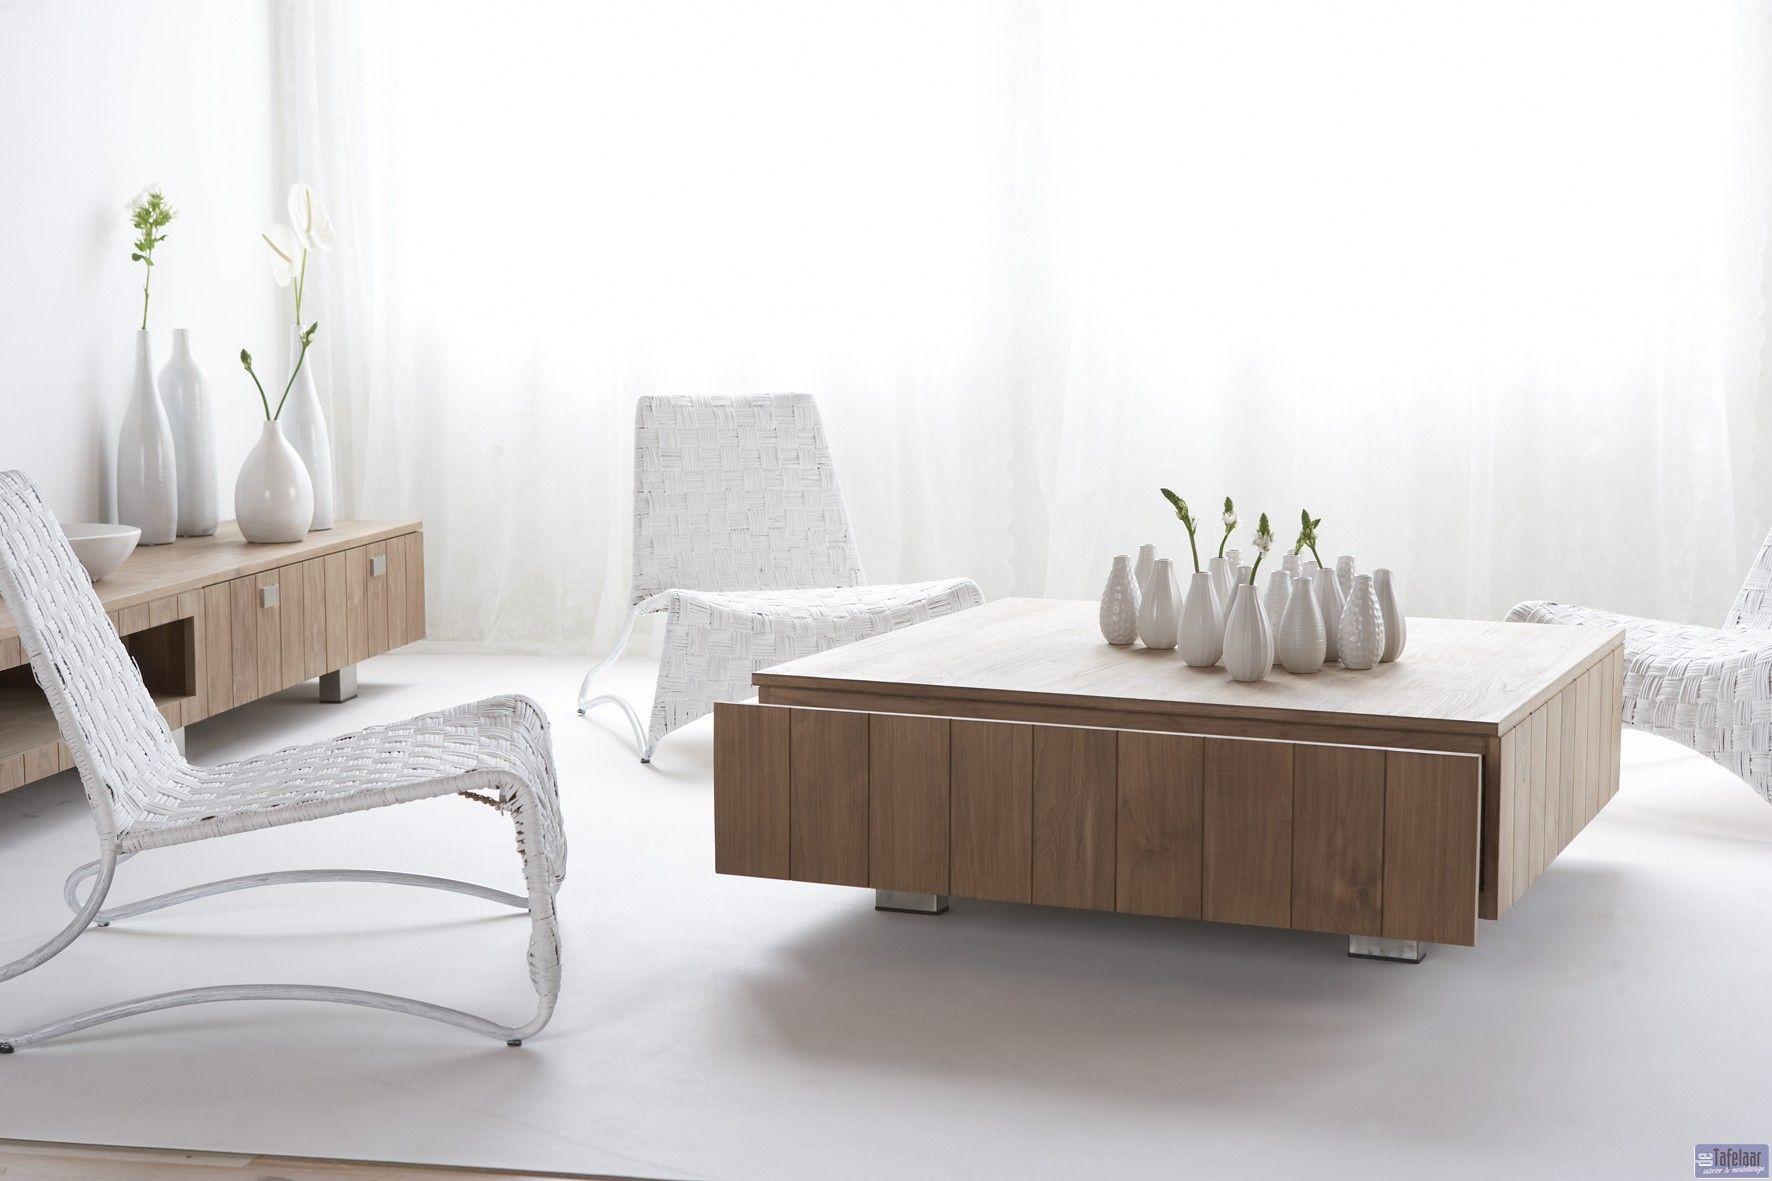 salontafel flo foucault deco int rieure pinterest. Black Bedroom Furniture Sets. Home Design Ideas